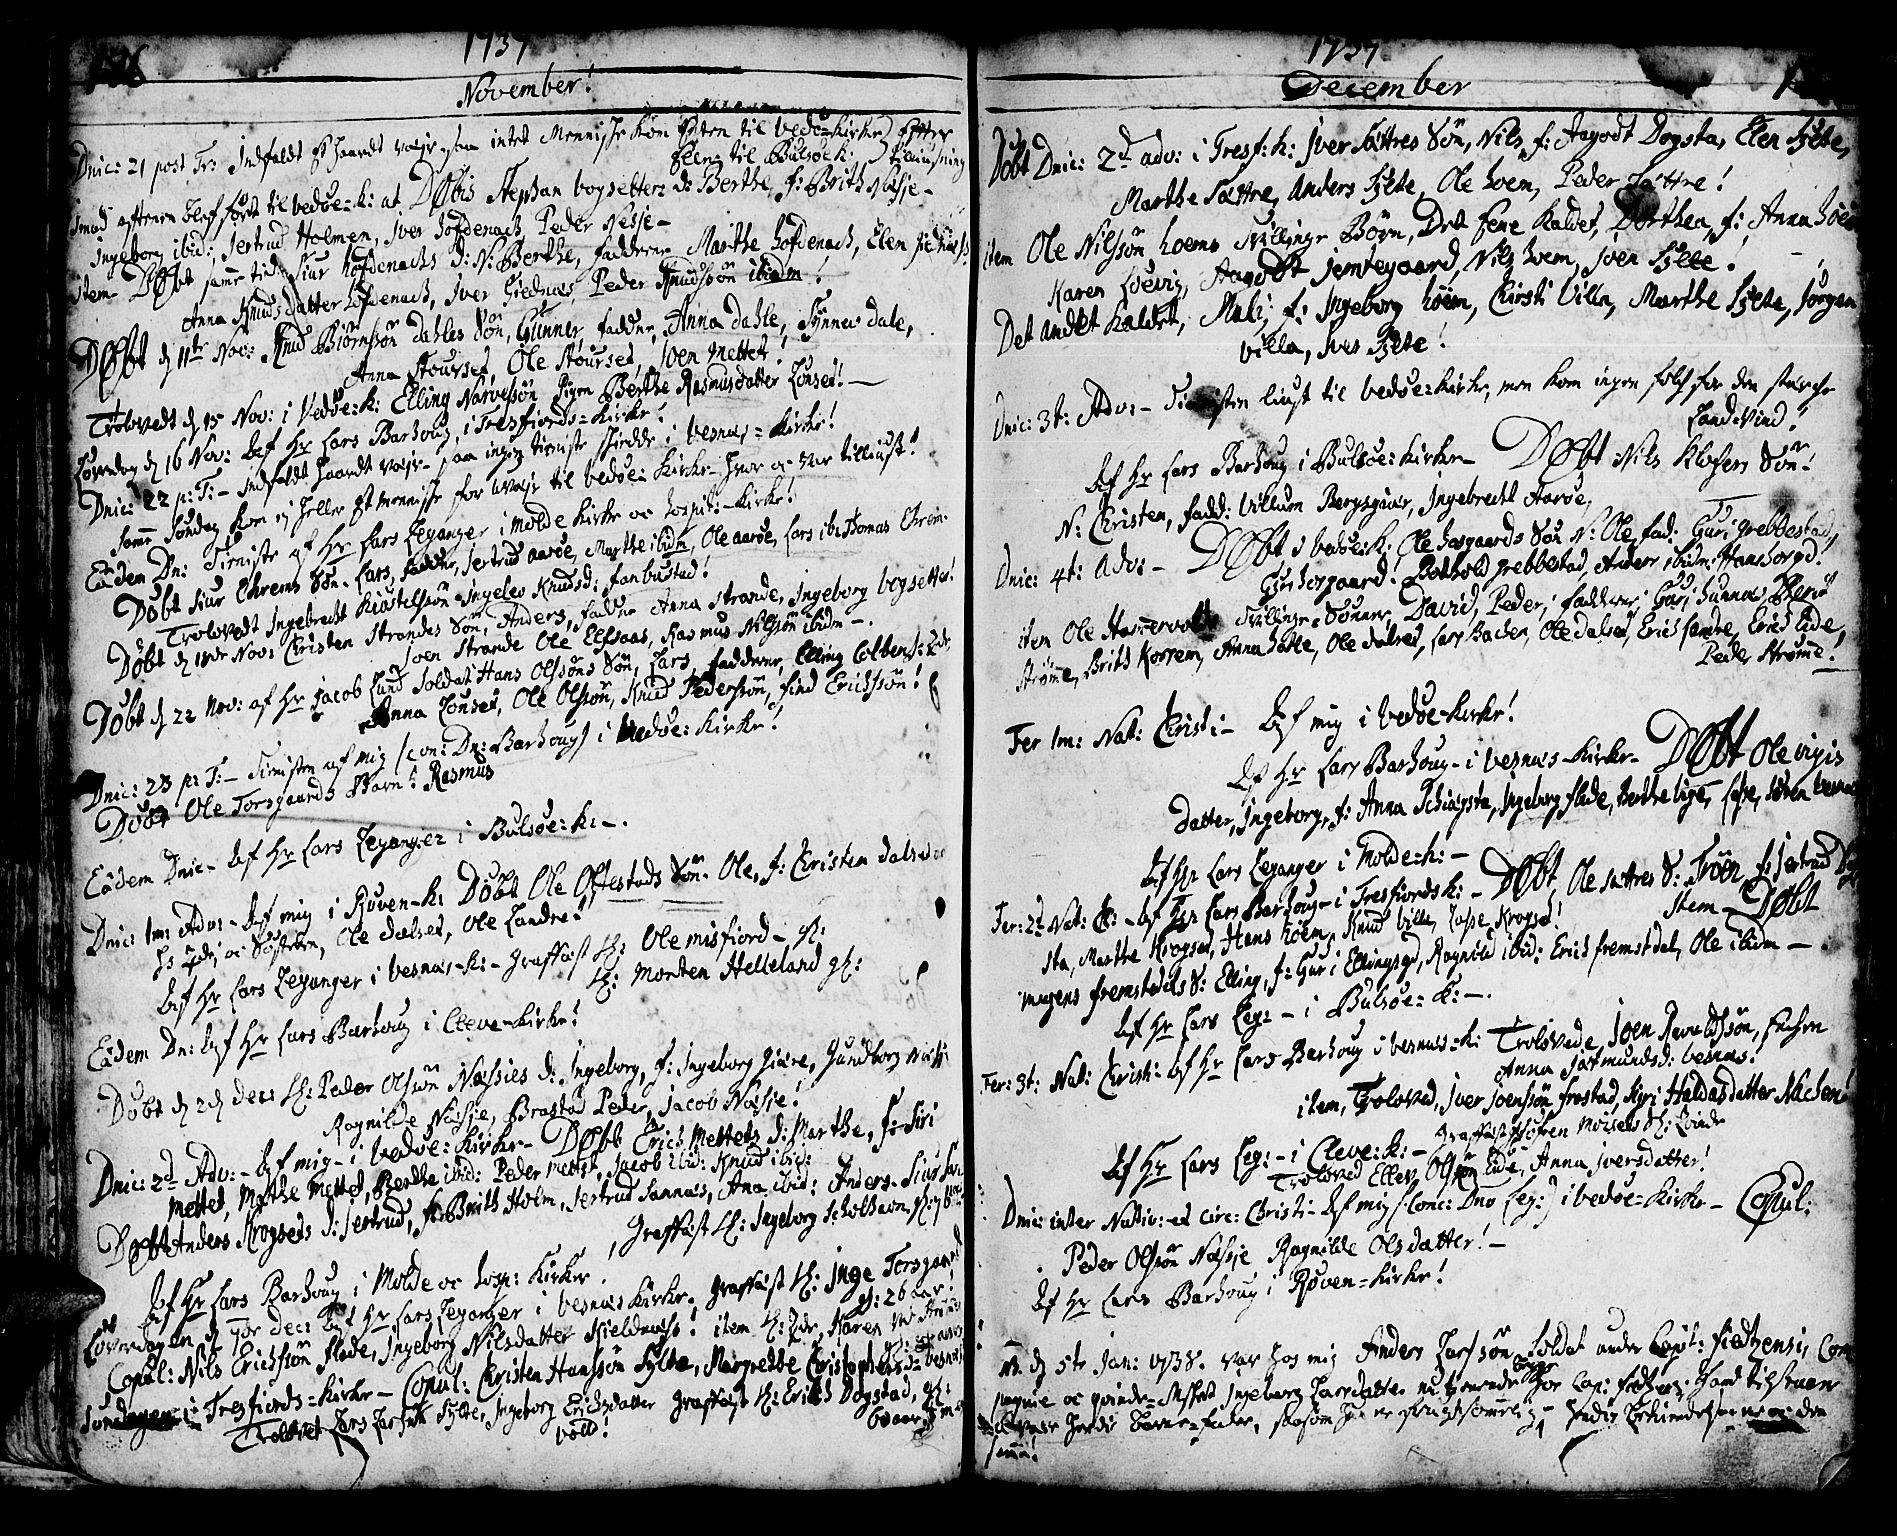 SAT, Ministerialprotokoller, klokkerbøker og fødselsregistre - Møre og Romsdal, 547/L0599: Ministerialbok nr. 547A01, 1721-1764, s. 178-179